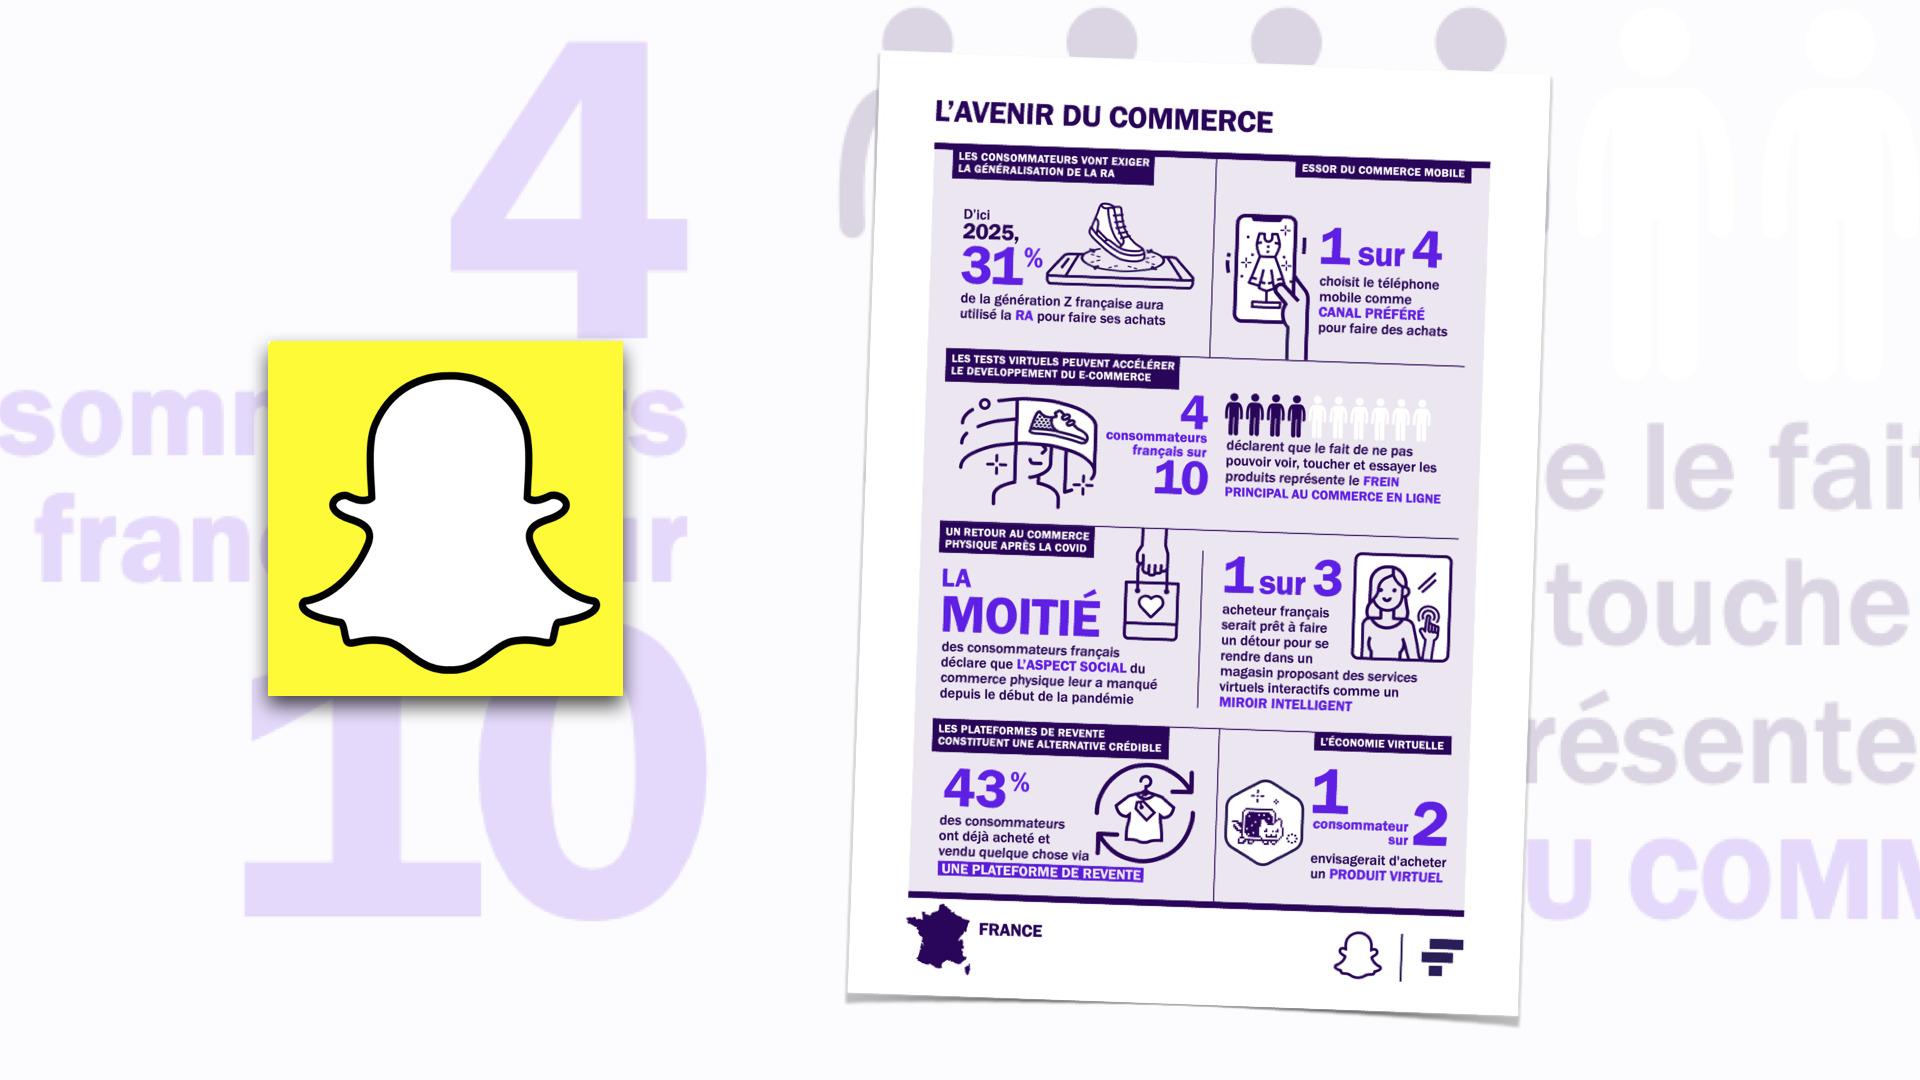 57% des consommateurs Français utilisent leur mobile pour faire leurs achats